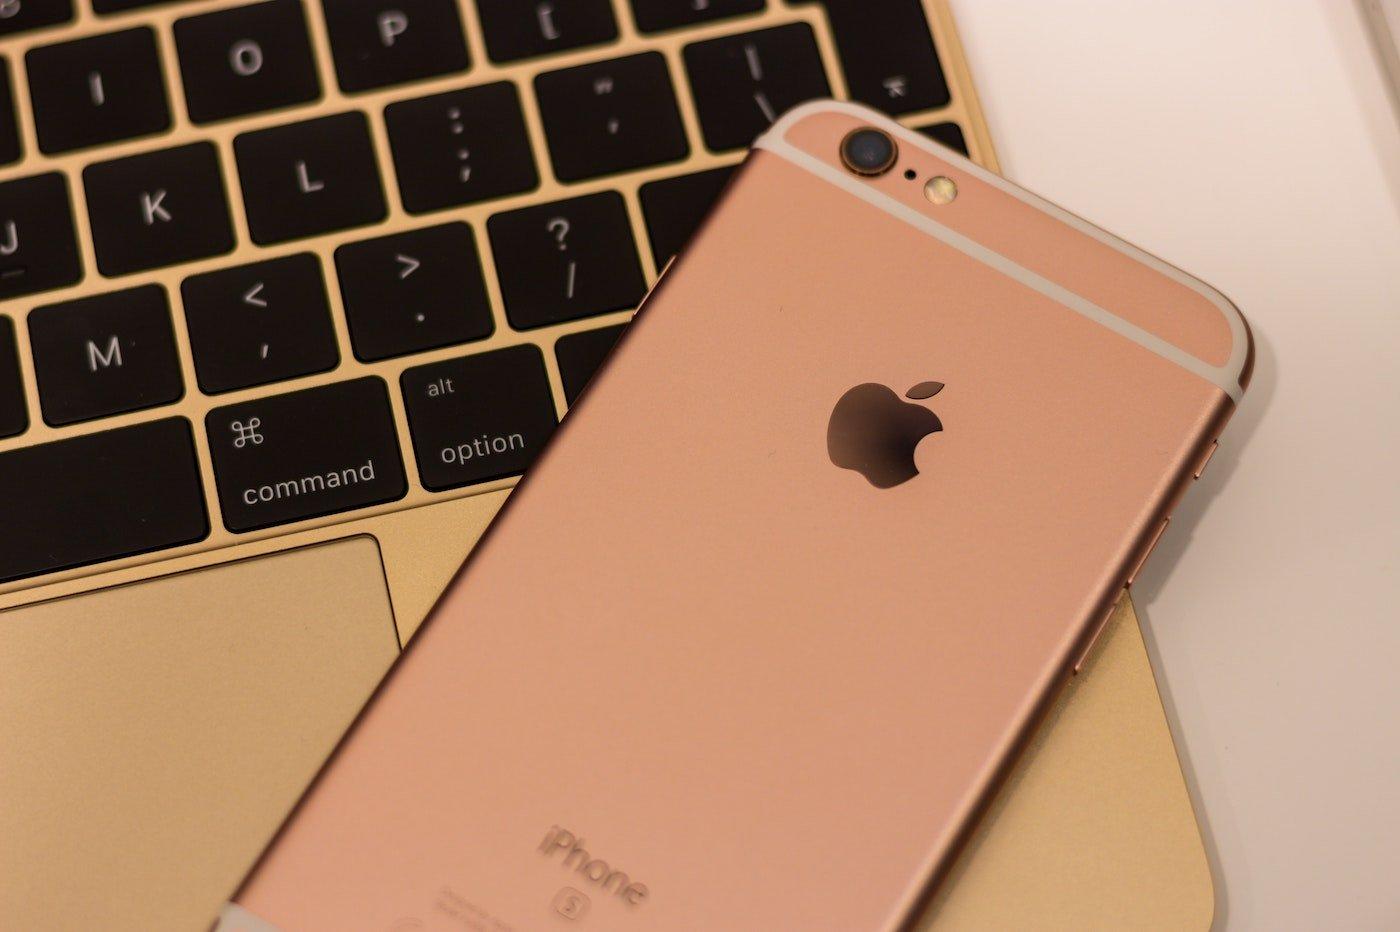 Si vous avez ce problème, Apple vous répare gratuitement votre iPhone 6s